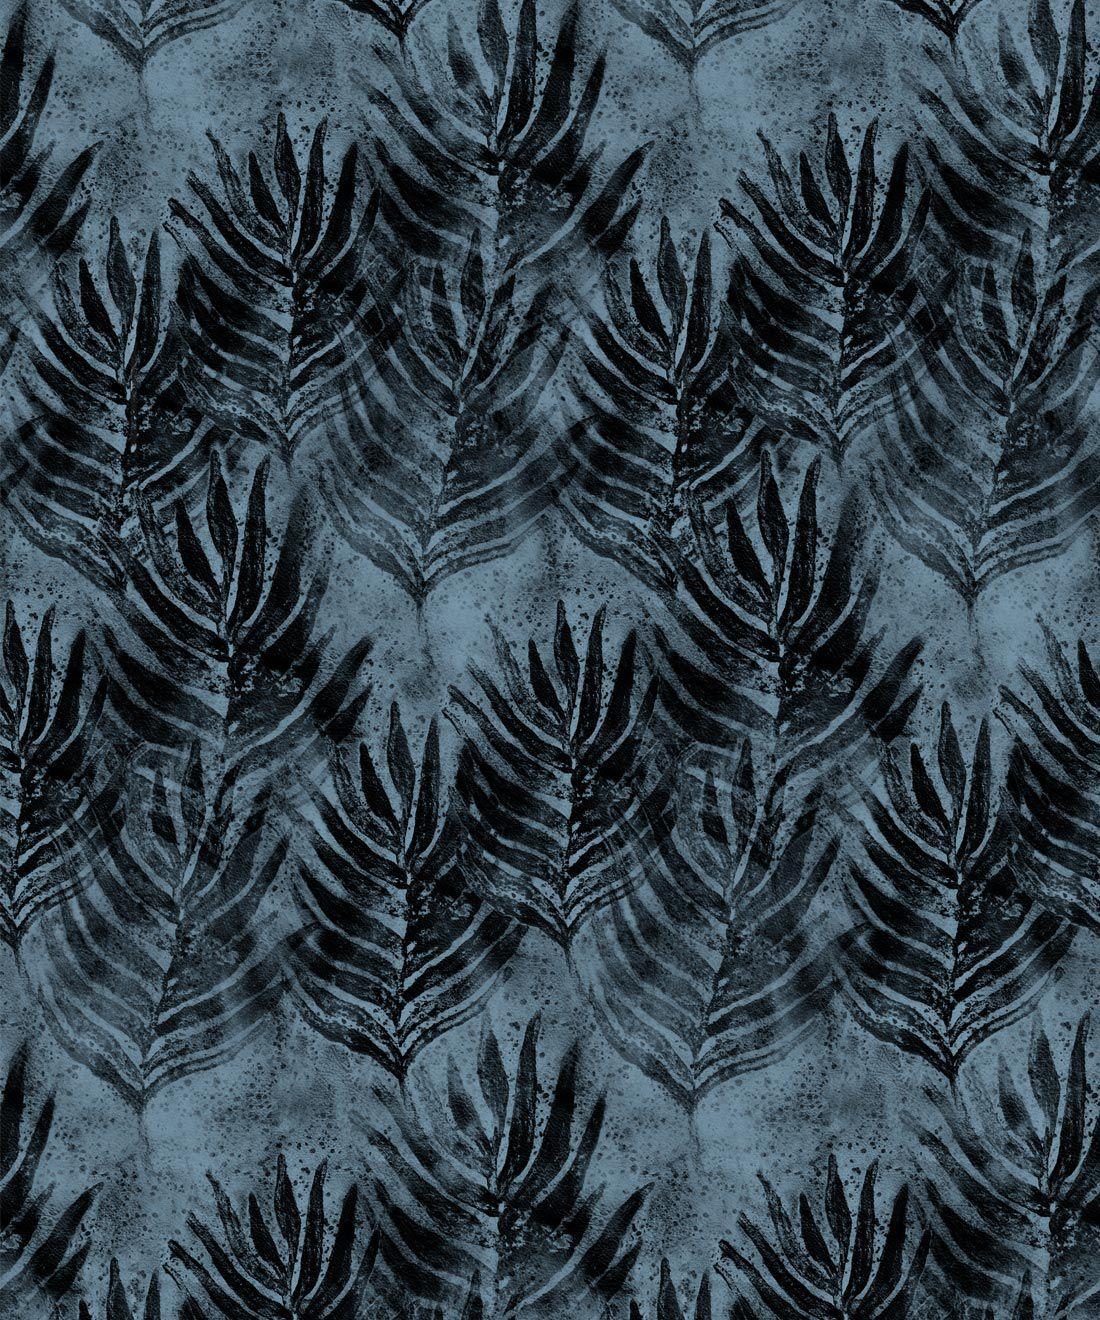 Shibori Leaf Wallpaper